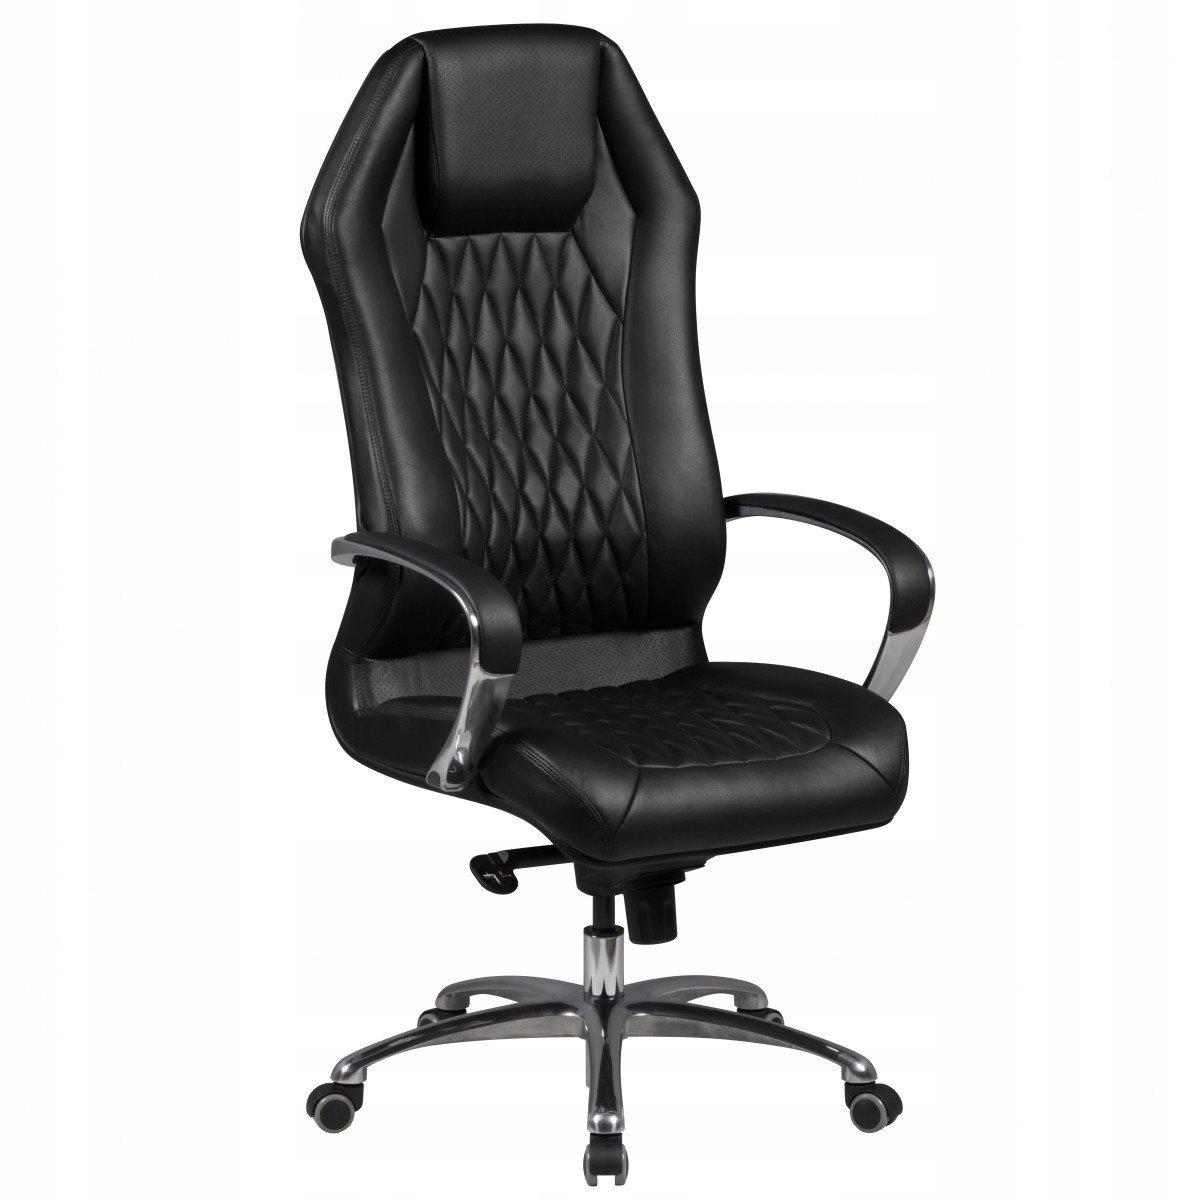 Świeże Amstyle SPM1.301 fotel biurowy, skóra T6 - 7706446919 - oficjalne WL24